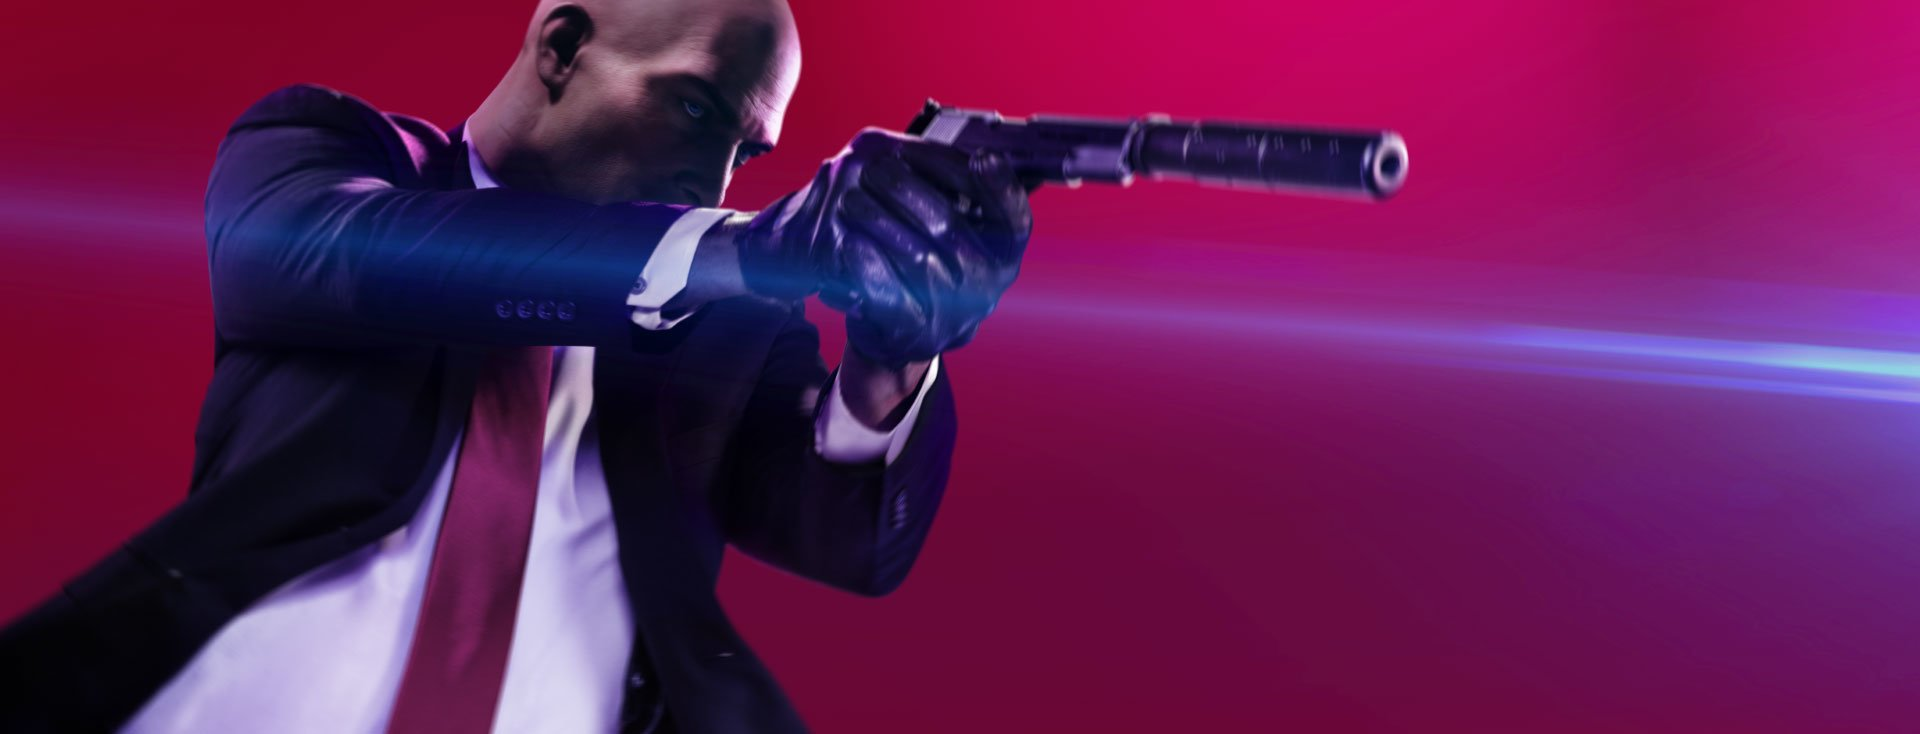 Denuvo upada po raz kolejny - zabezpieczenia do Hitmana 2 złamane na 3 dni przed premierą 27